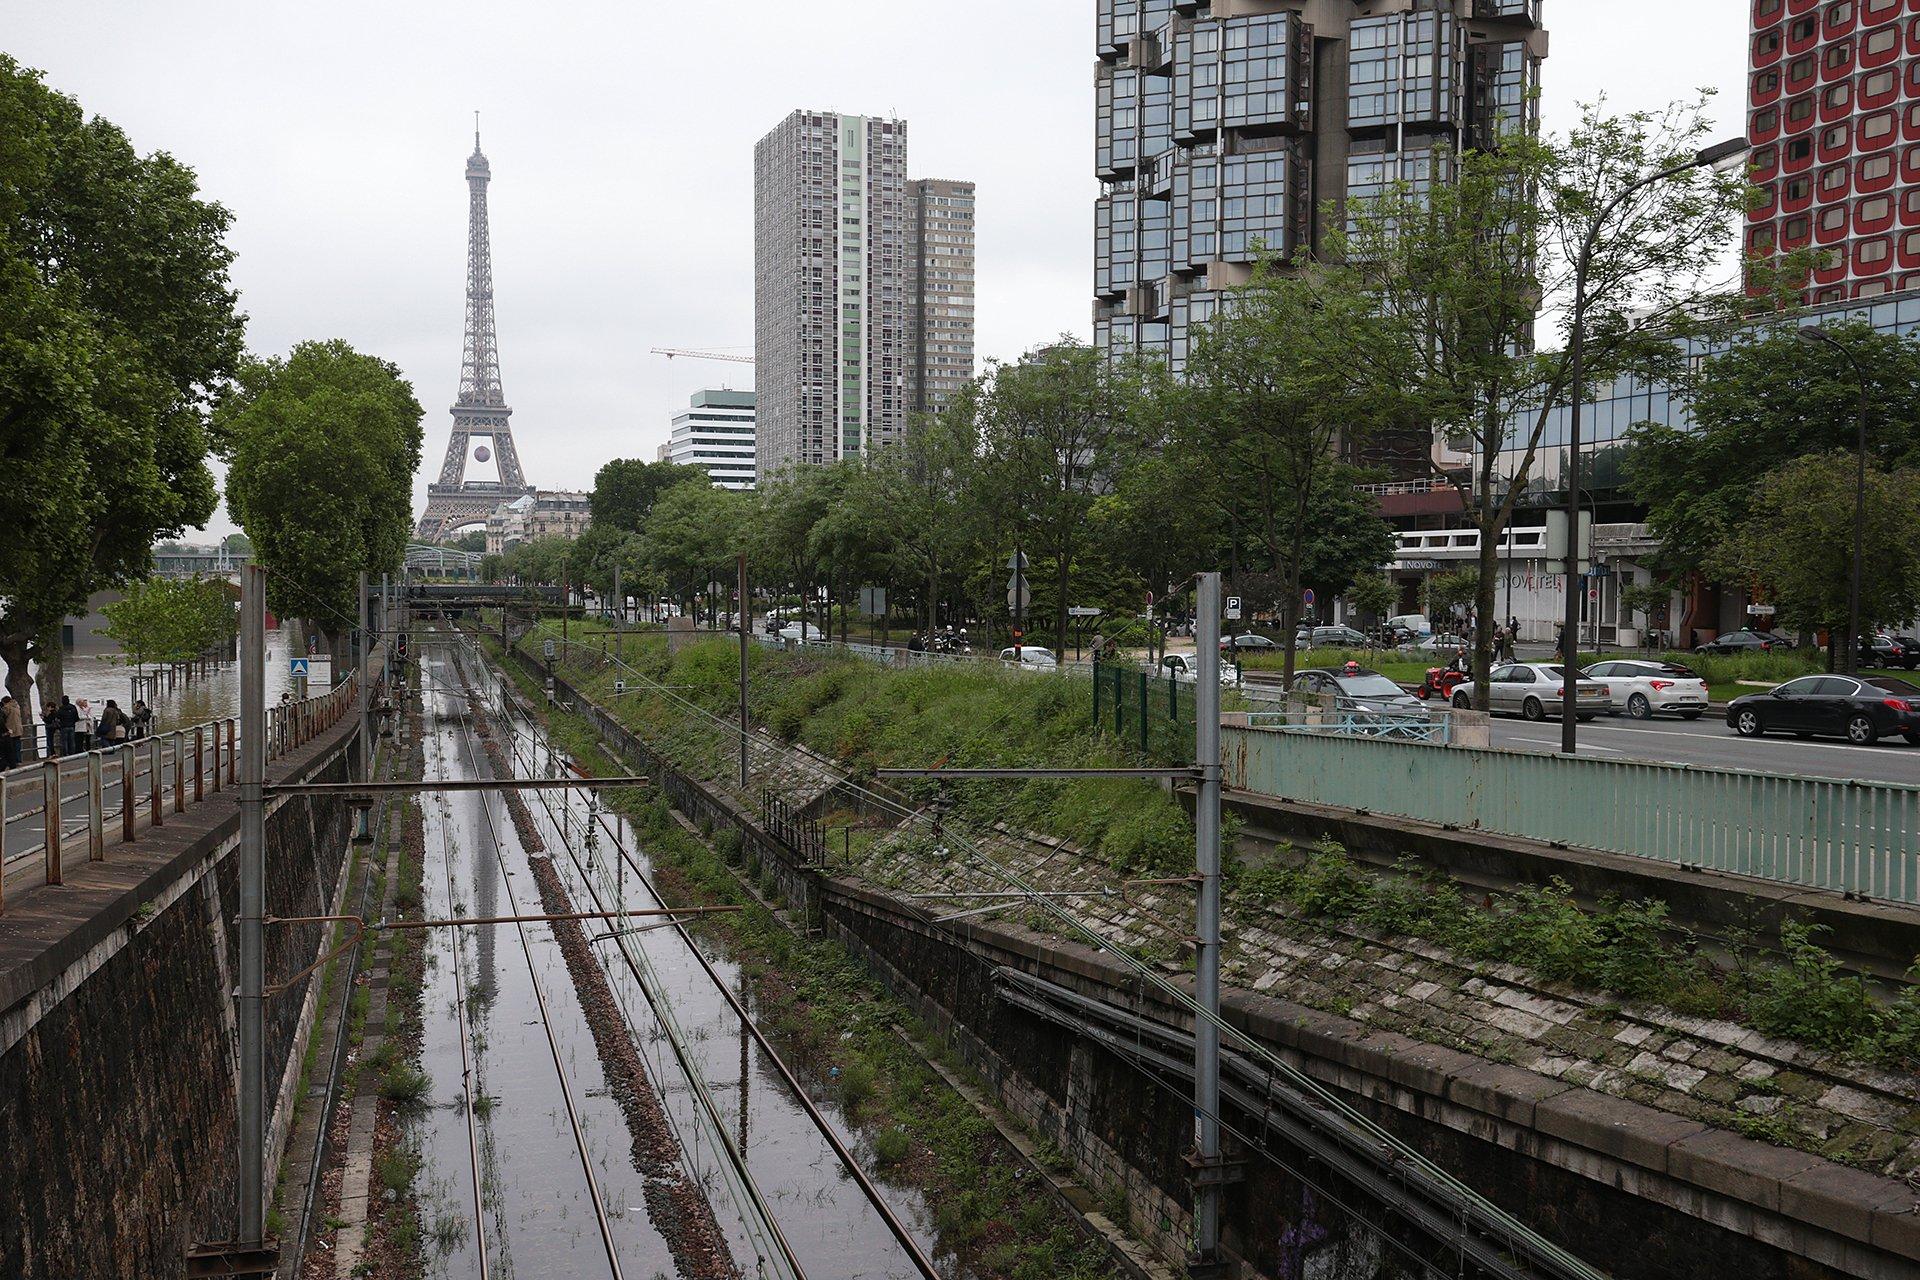 Muchos caminos y vías férreas están cerrados hasta que se normalice la situación